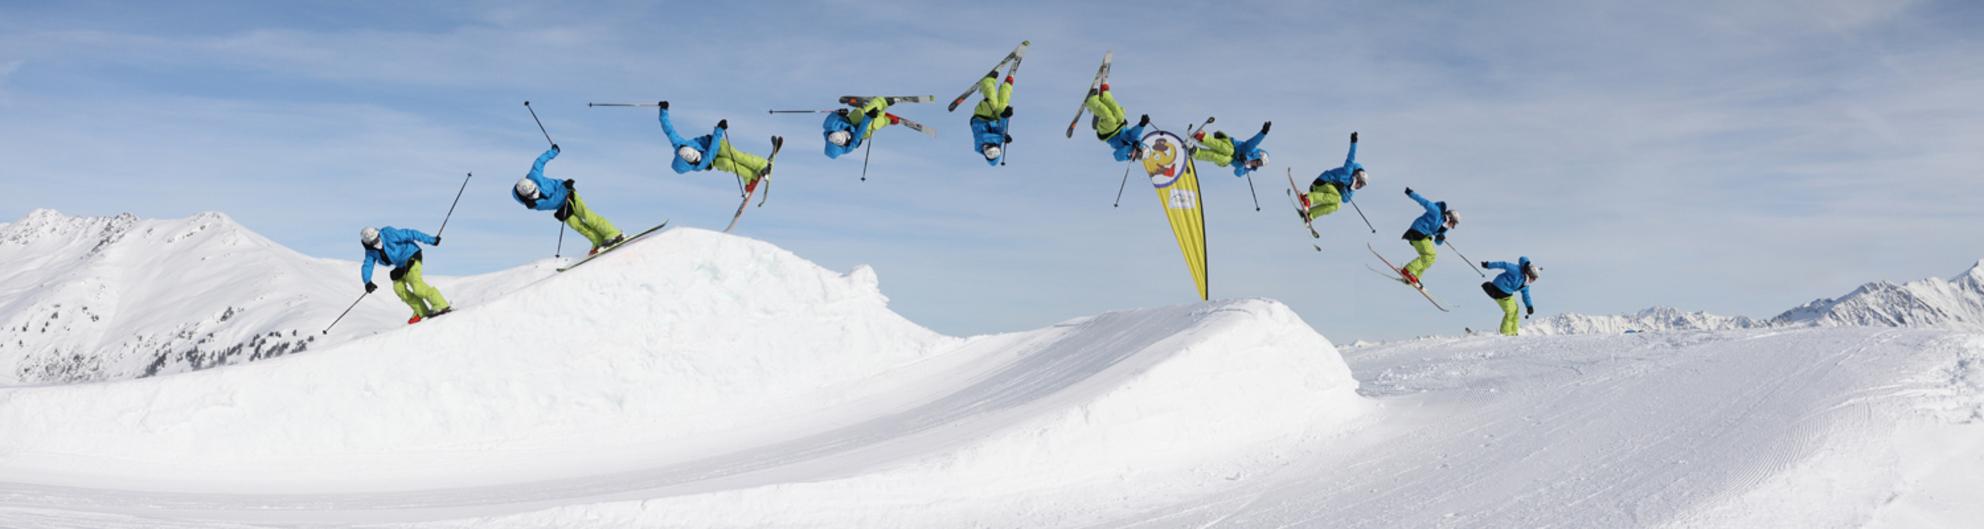 Ski jump - Genomen in Gerlos tijdens de wintersport. Na het nodige knip- en plakwerk kreeg ik dit resultaat. - foto door zephyrus op 20-02-2010 - deze foto bevat: wintersport, ski, sprong, schans, motordrive